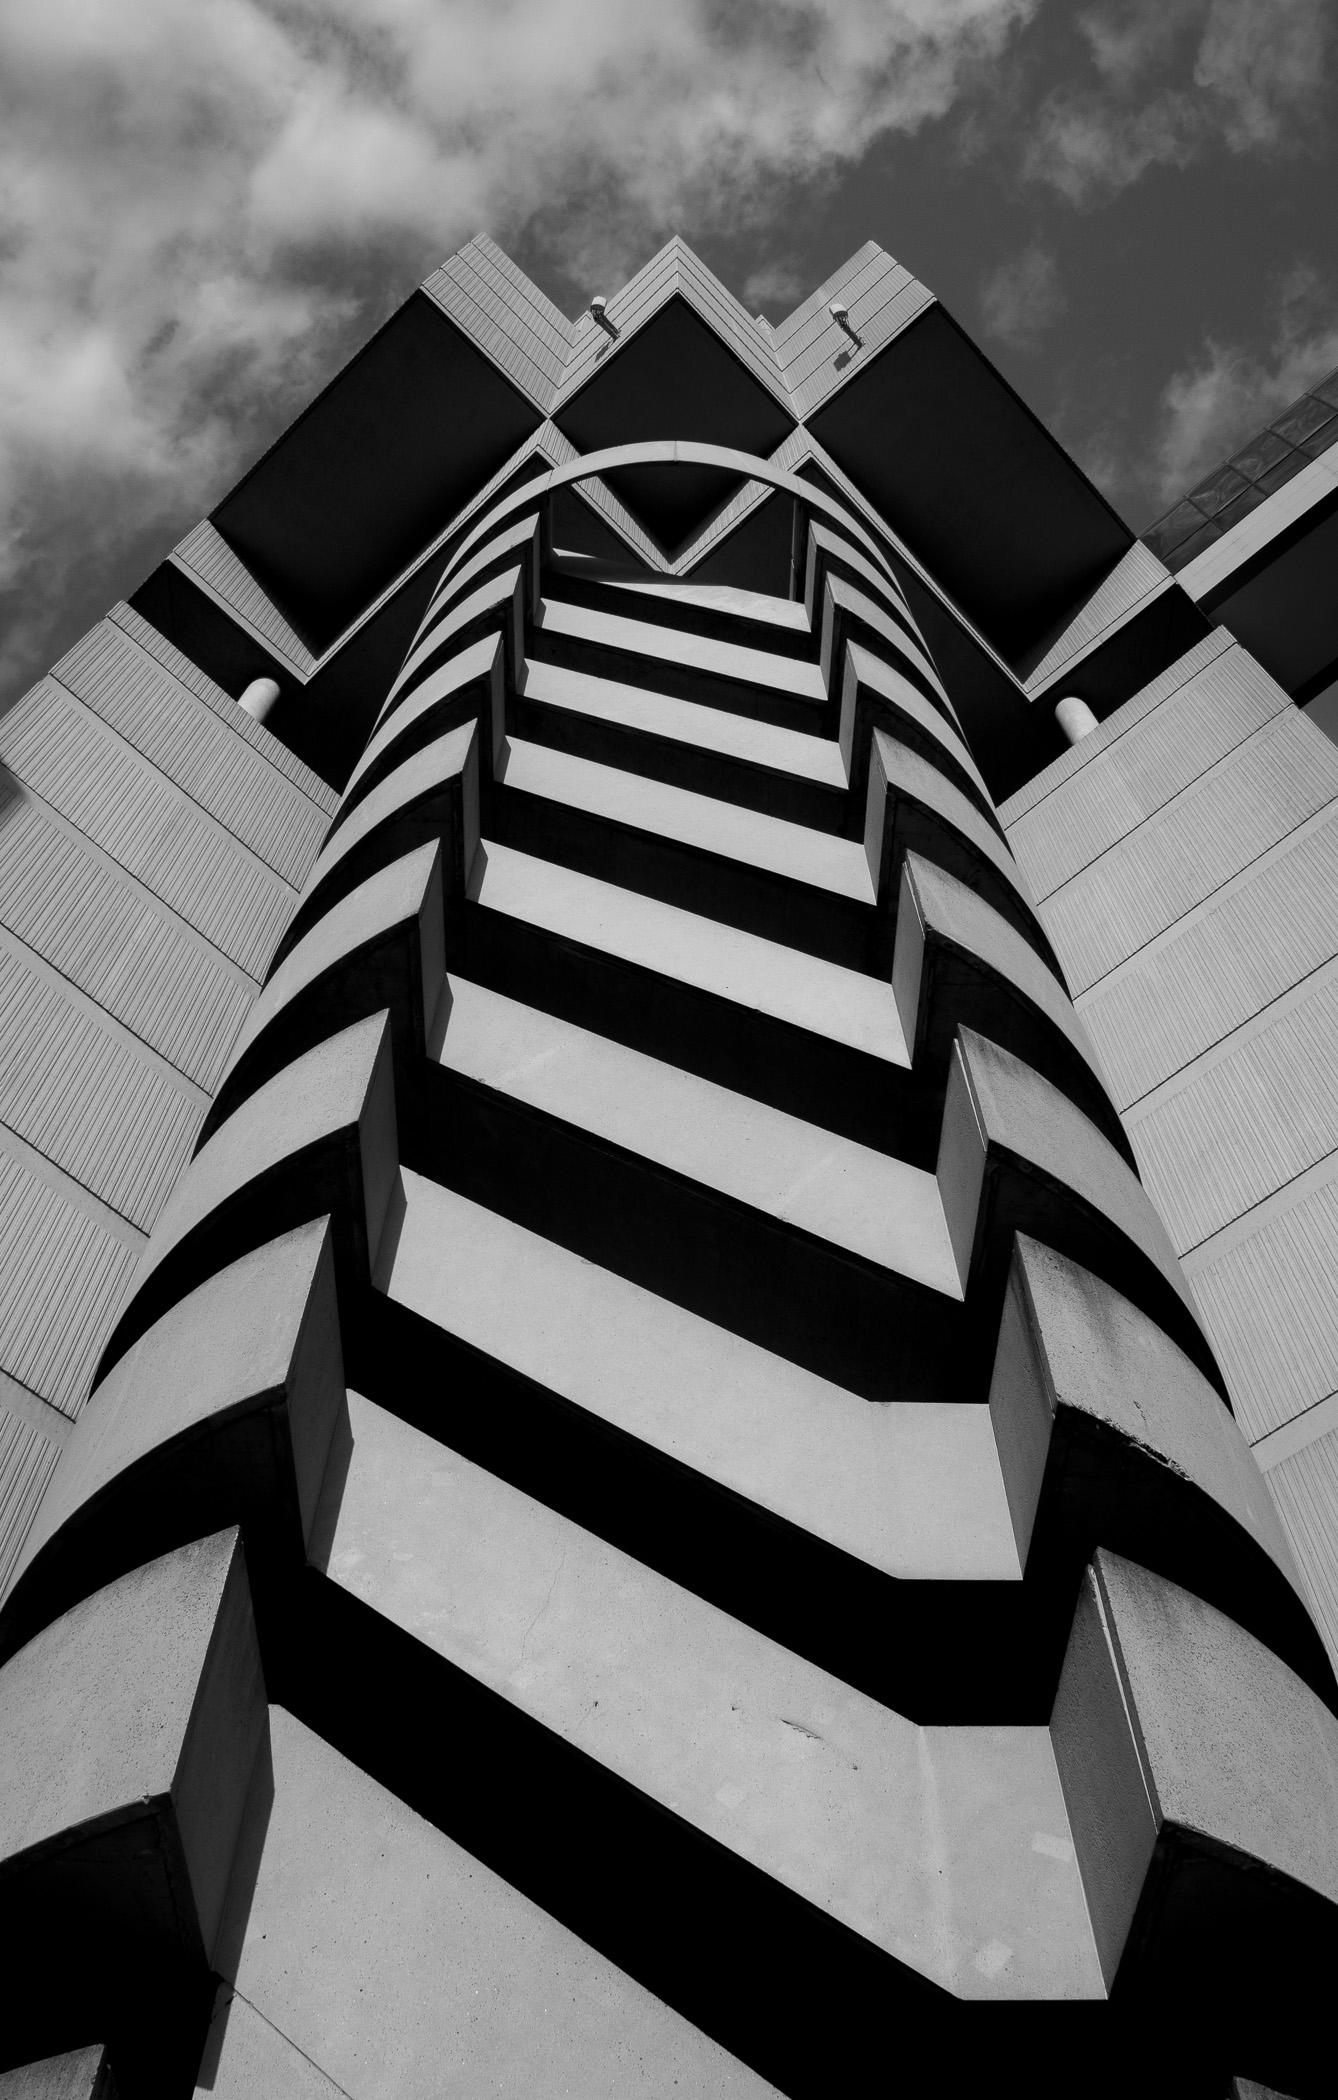 wilferr_architecture_171104_0013-2.jpg